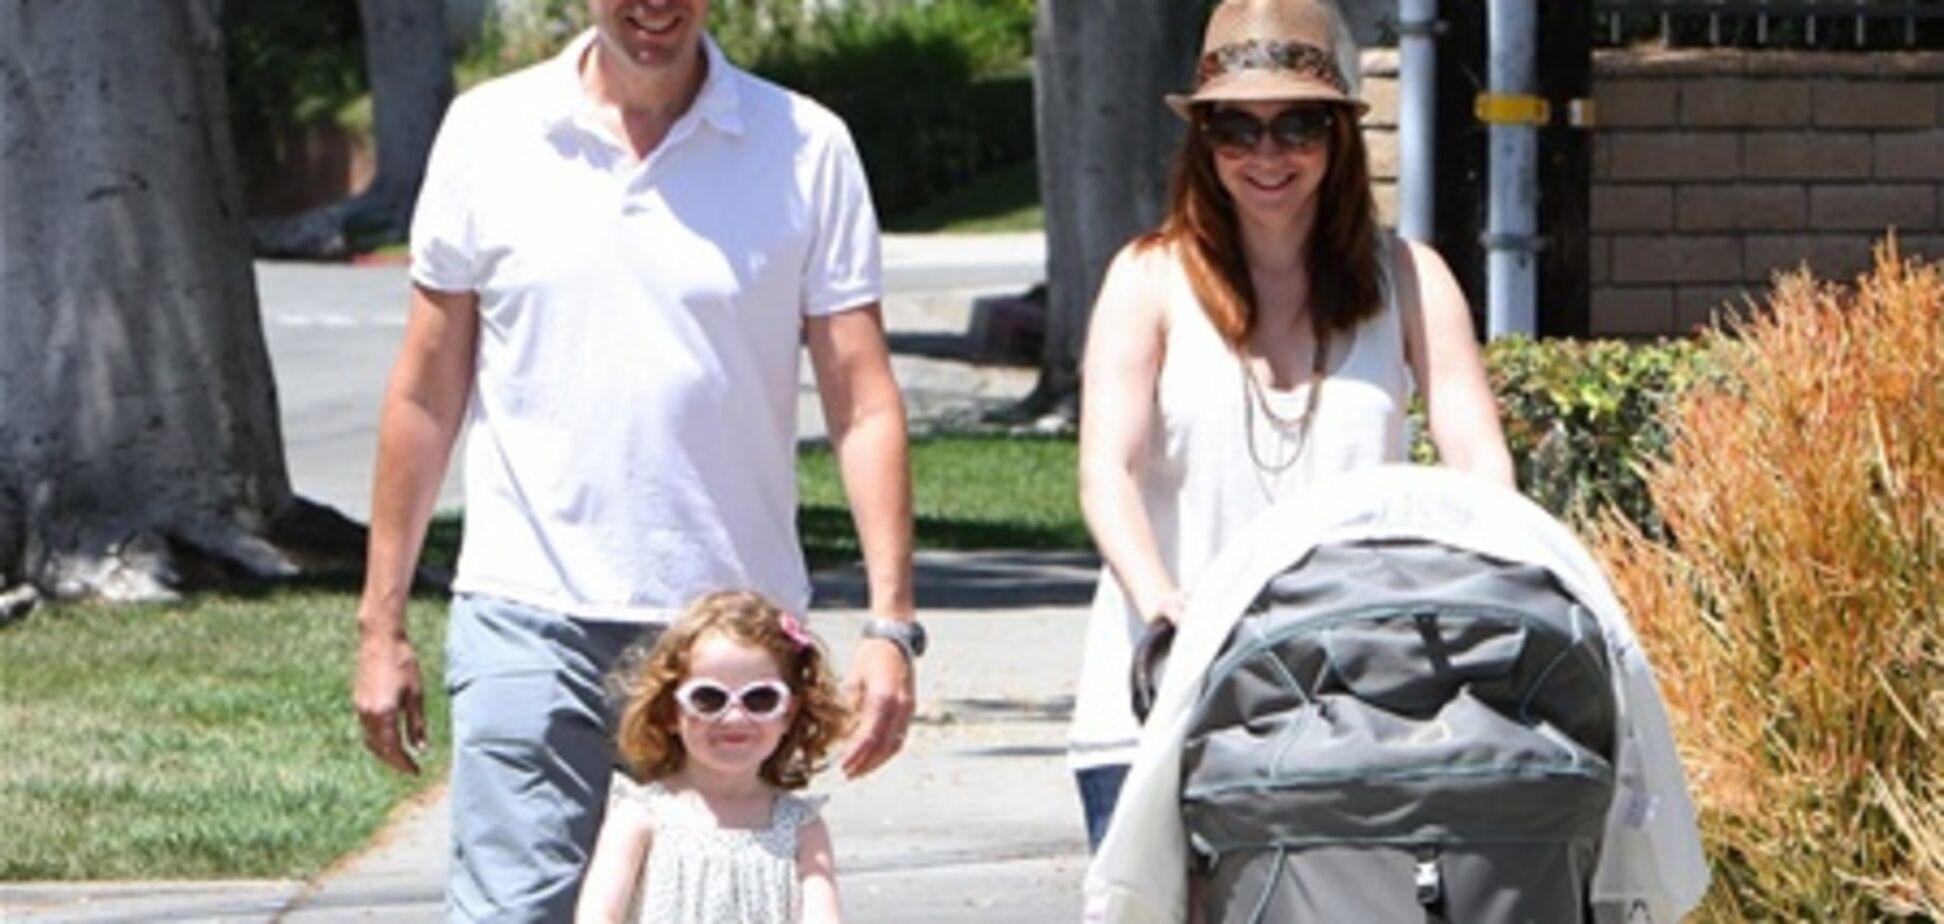 Семейство Ханниган гуляет с колясками. Фото